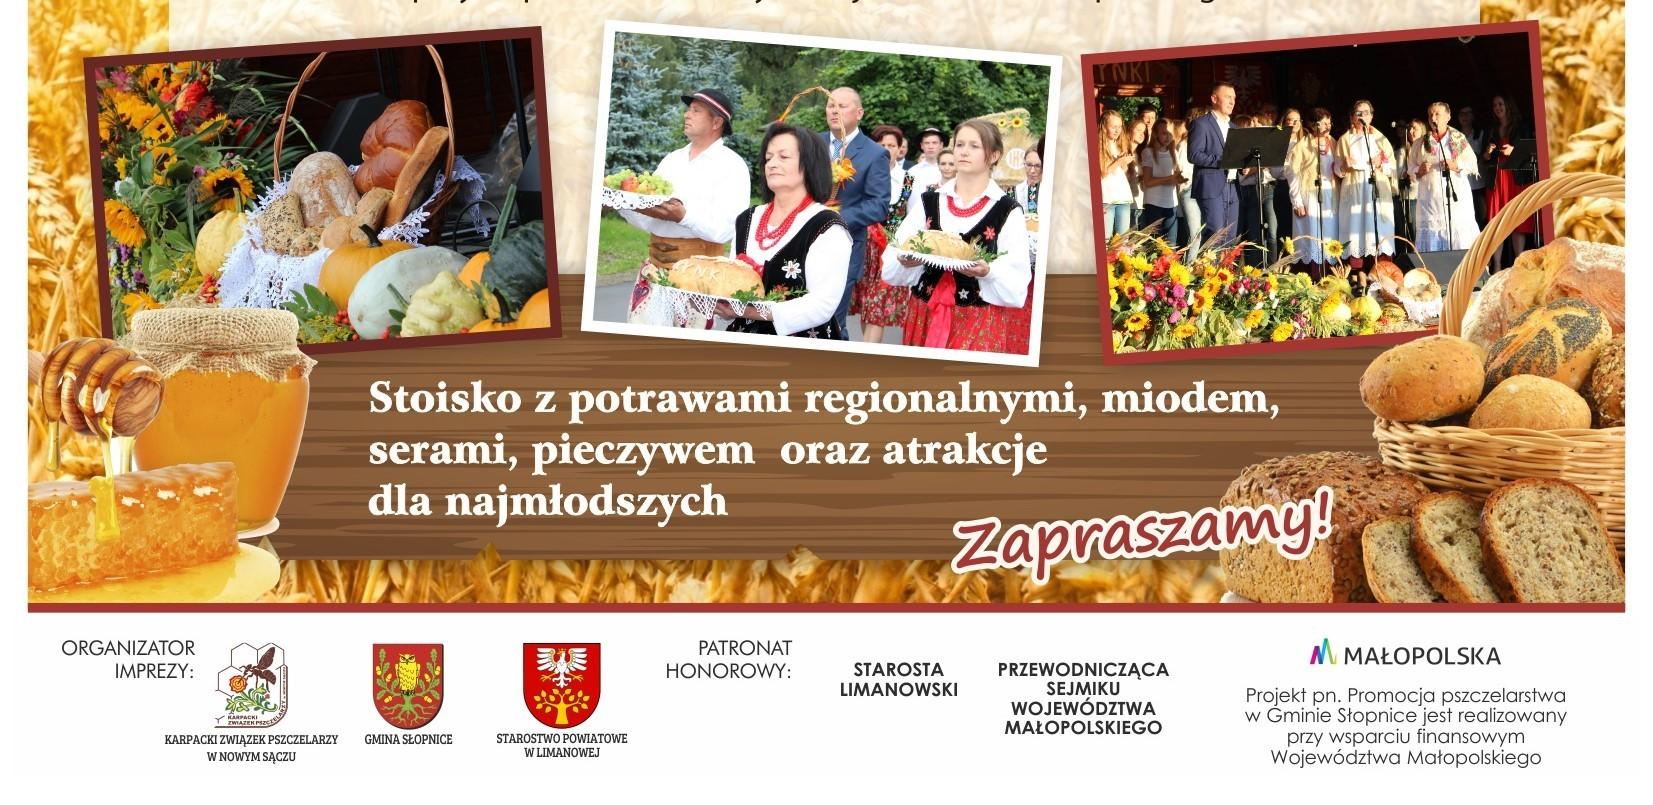 Dożynki w Słopnicach - plakat